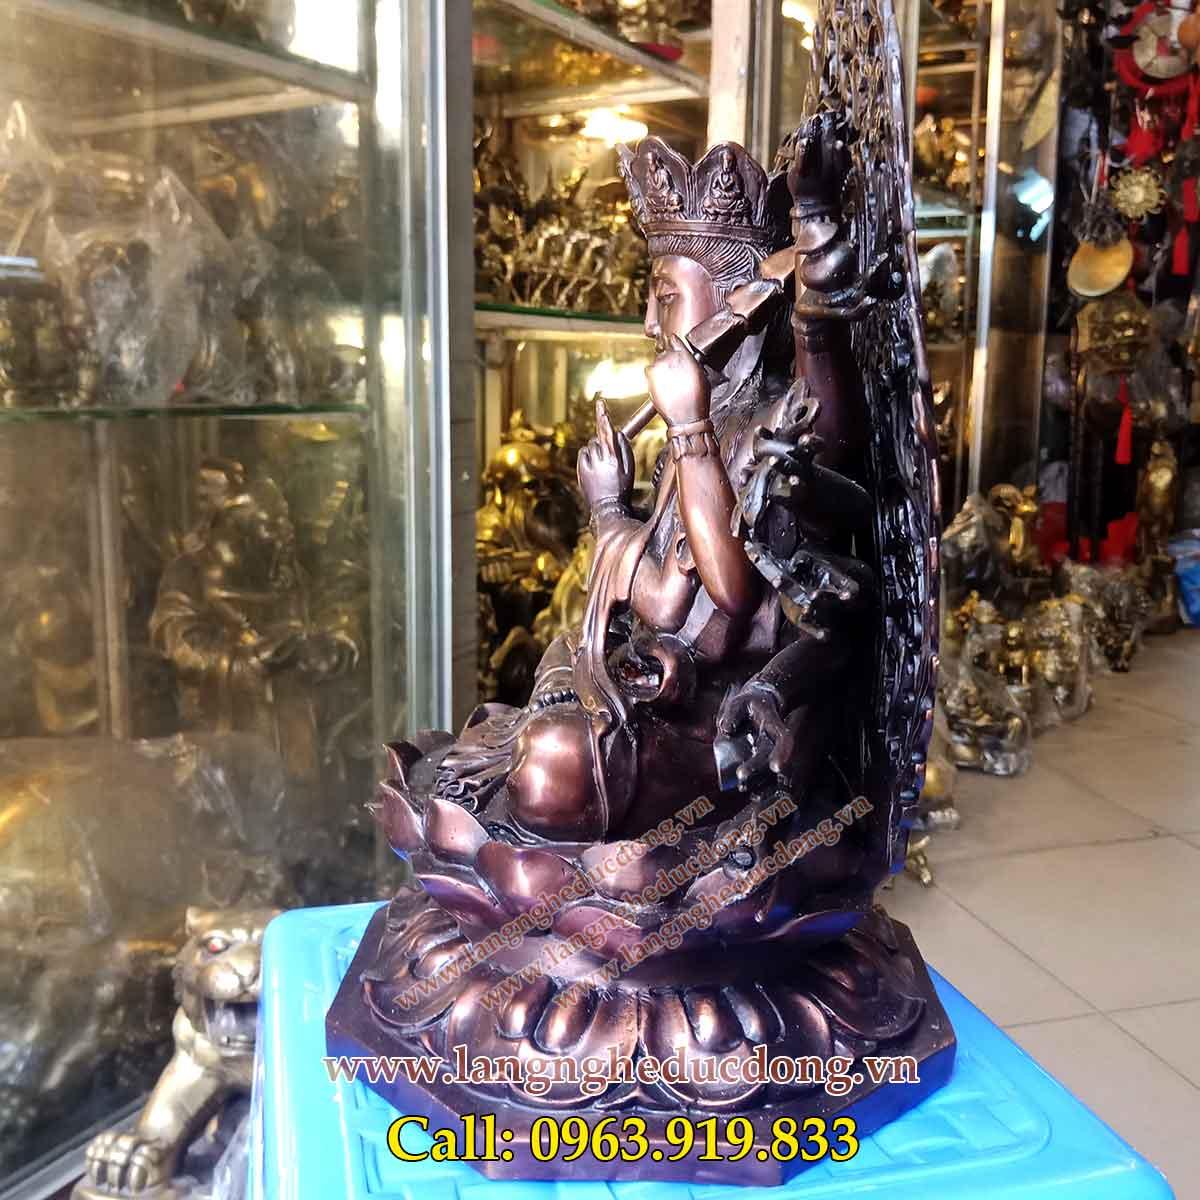 langngheducdong.vn - tượng đồng, tượng phật, tượng chuẩn đề bằng đồng